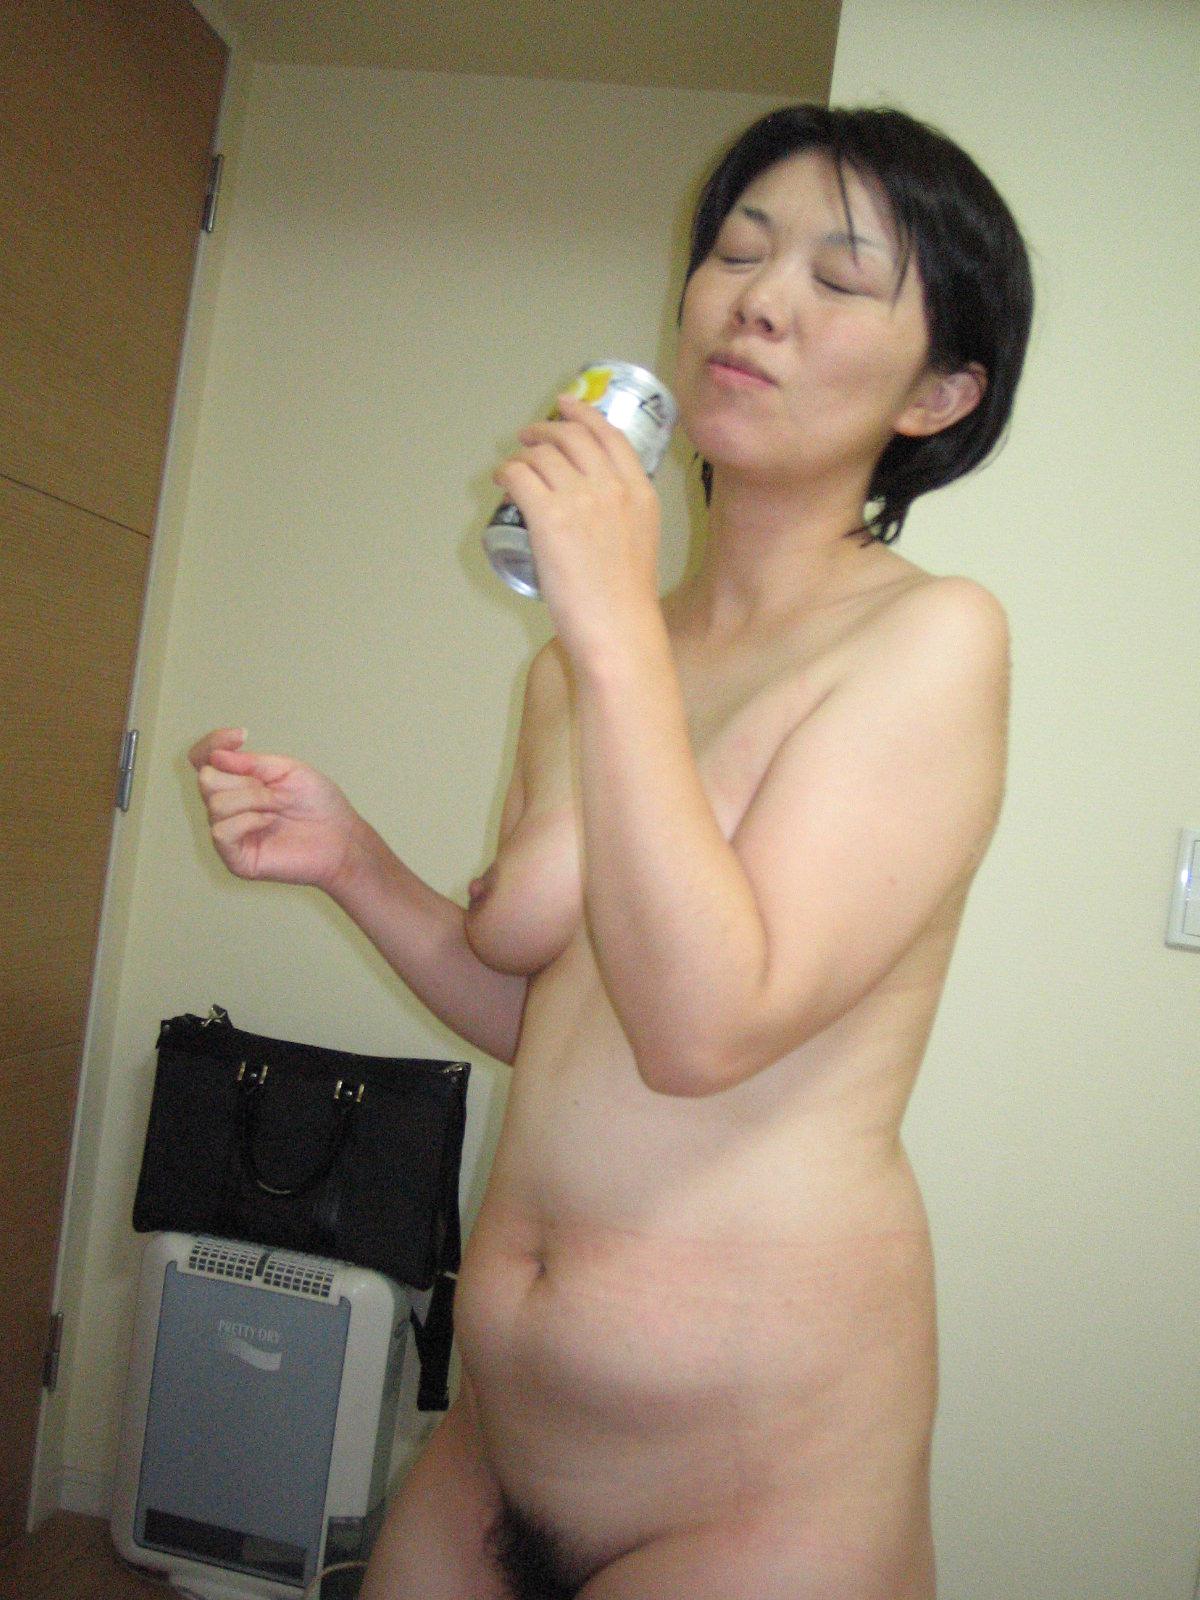 素っ裸でお酒を飲んでる人妻さん!